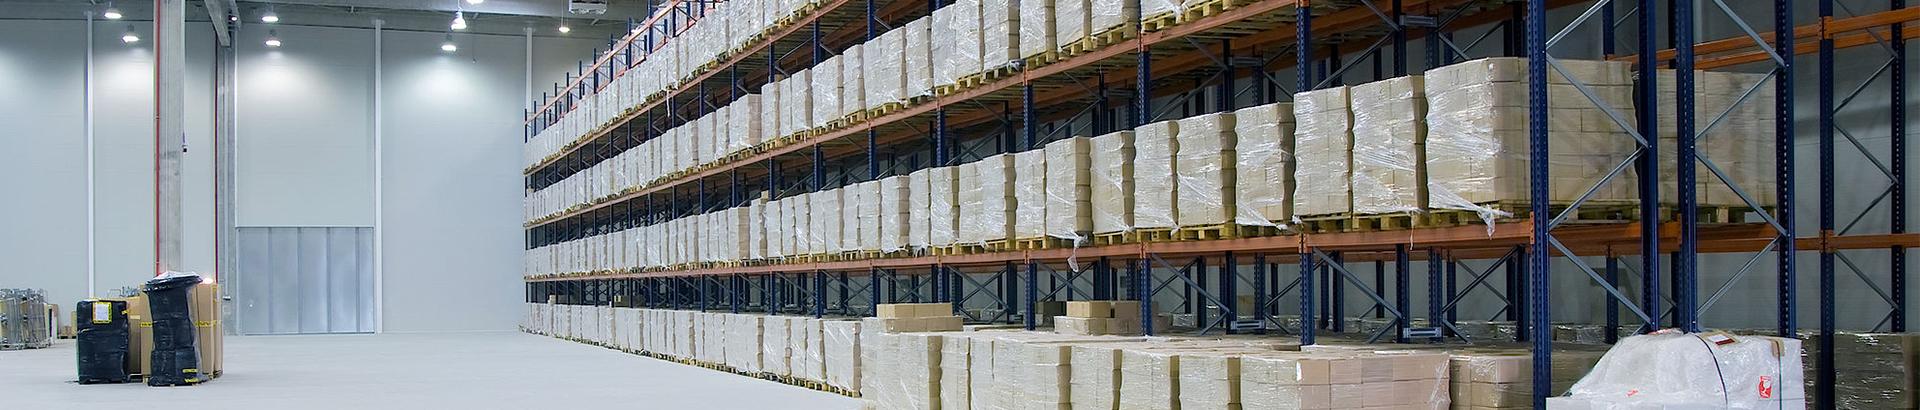 Smart Logistics Transportation Equipment Continues to Evolve